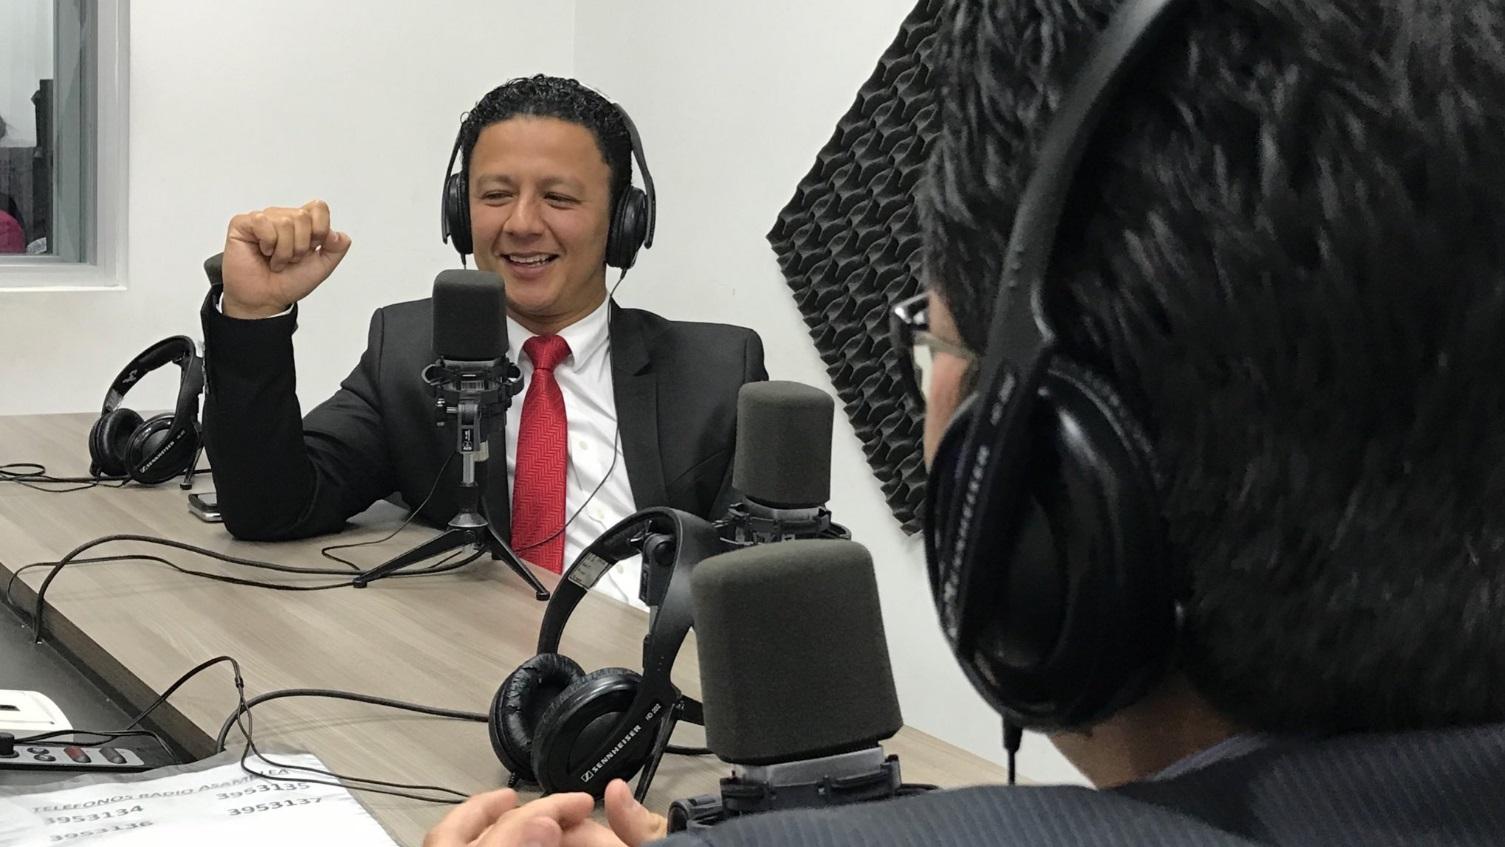 Juan Pablo Velín: La política y la comunicación son lo suyo